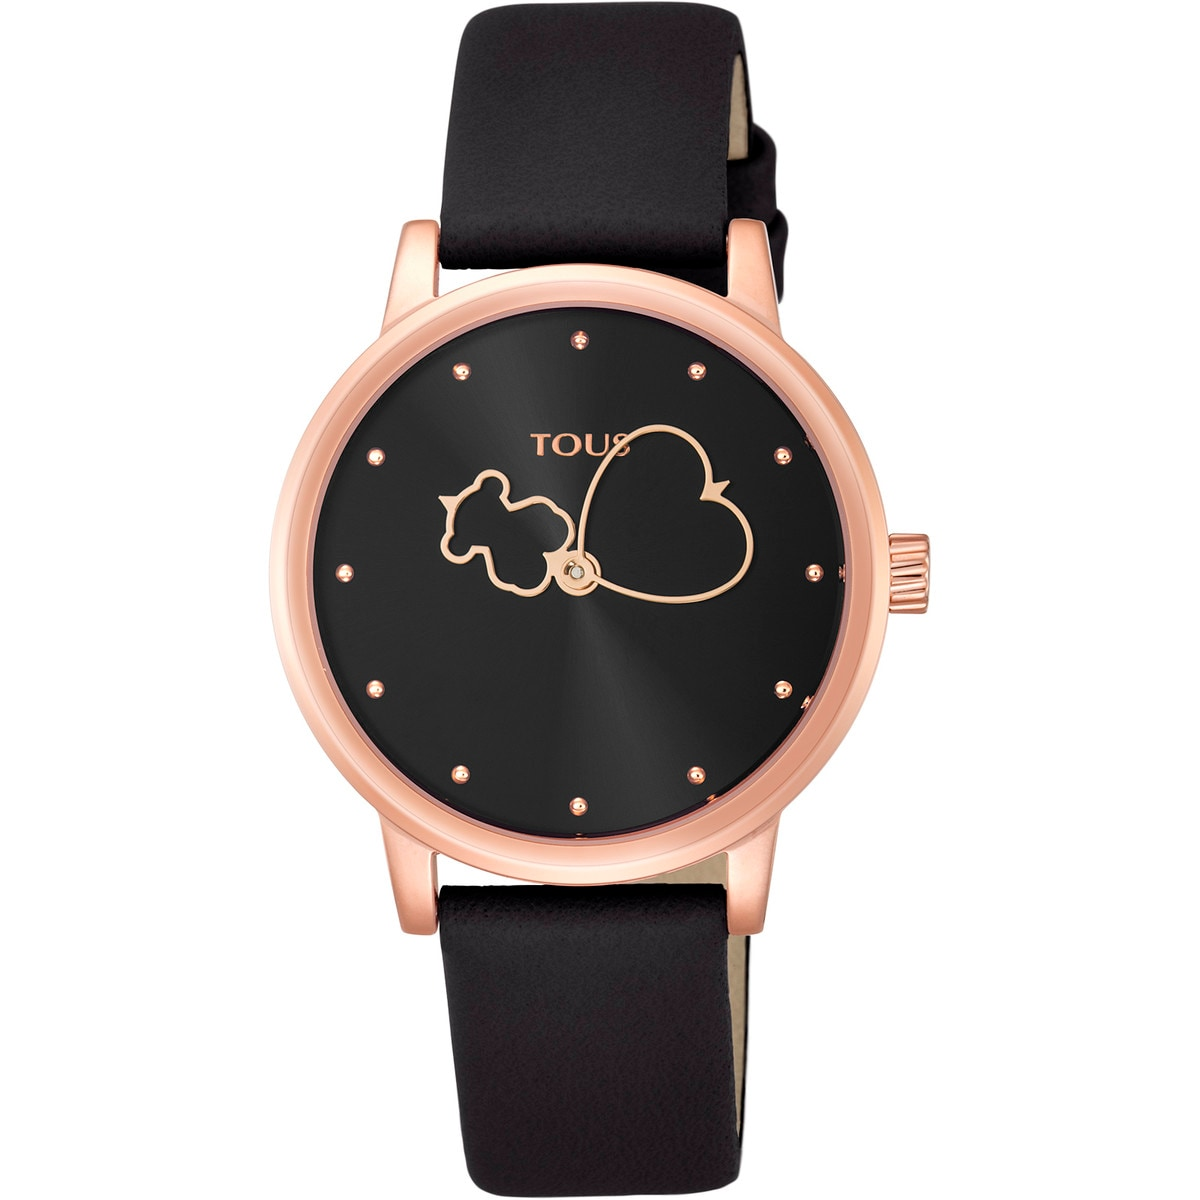 ed30bda2bf49 Reloj Bear Time de acero IP rosado con correa de piel negra - Sitio ...